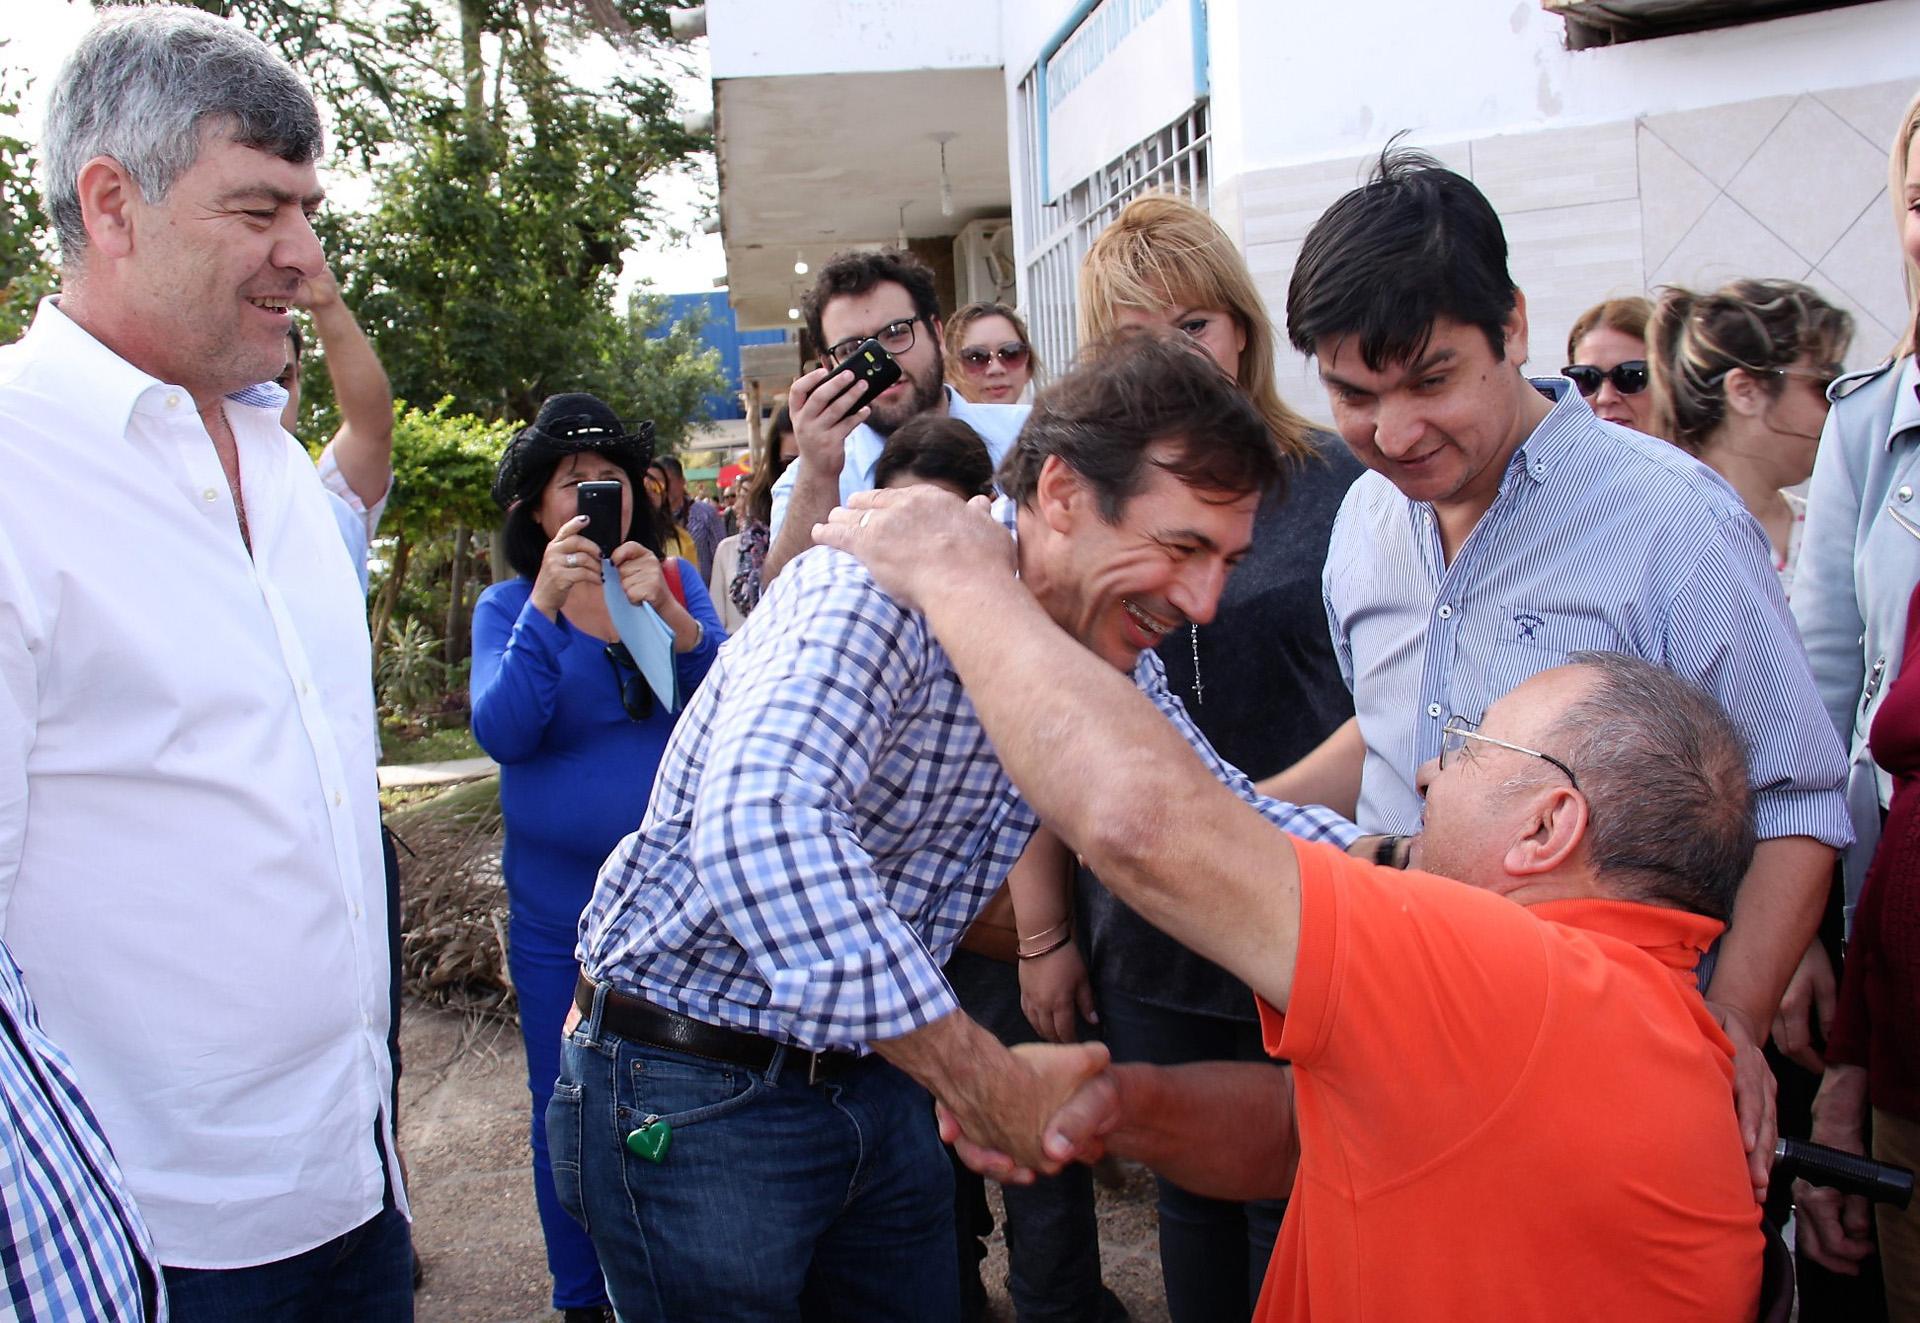 El precandidato a senador por Cambiemos, Luis Naidenoff, junto al ministro de Agroindustria Ricardo Buryaile recorrió el barrio Virgen del Pilar, en la ciudad de Formosa, en el marco del timbreo nacional que realizó el Frente